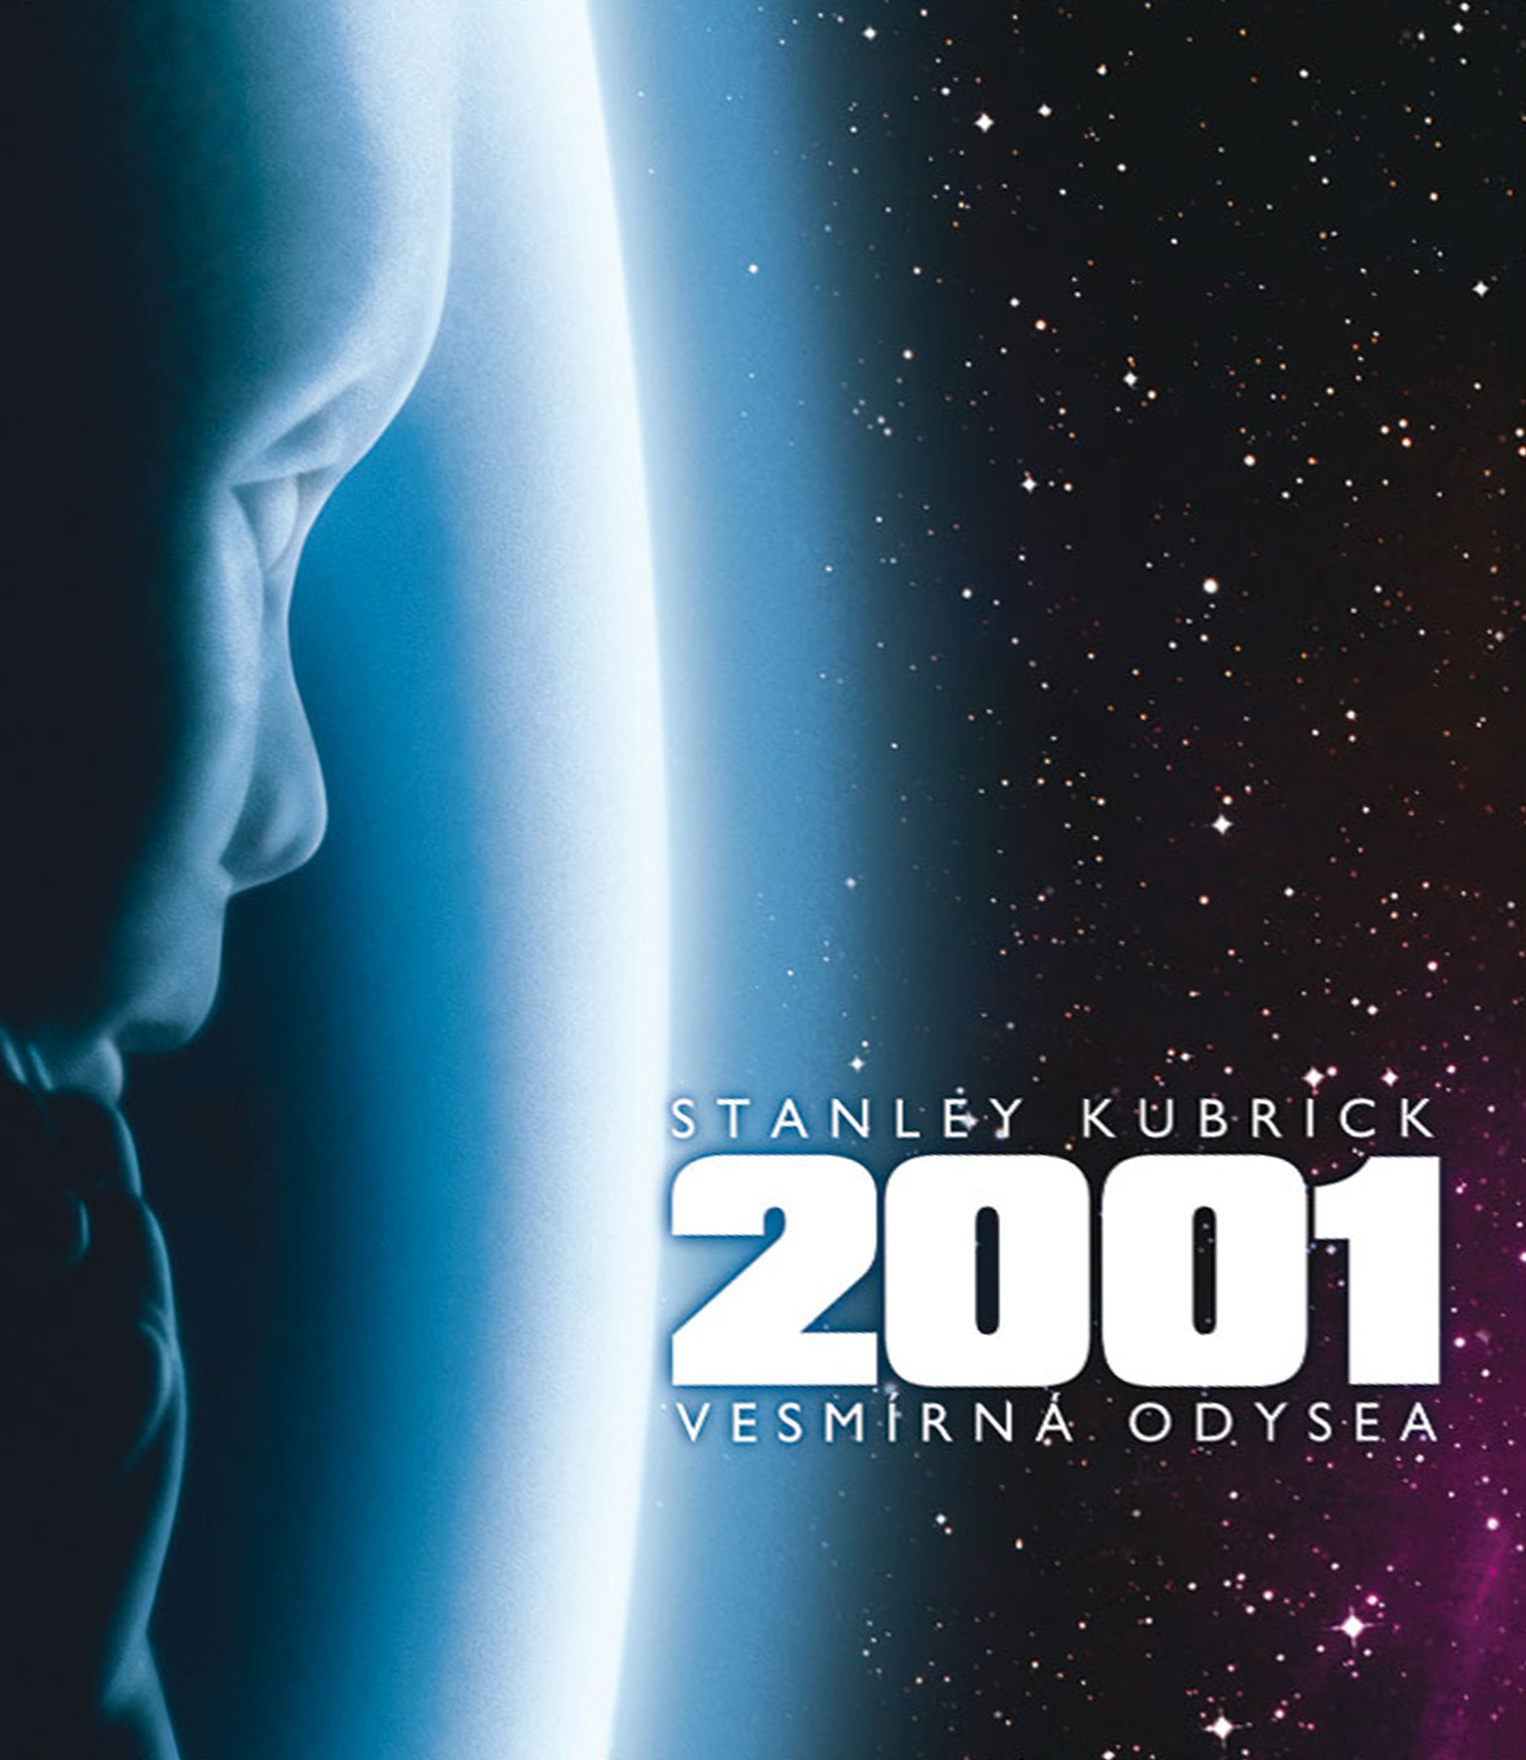 Film 2001: Vesmírná odysea ke stažení - Film 2001: Vesmírná odysea download